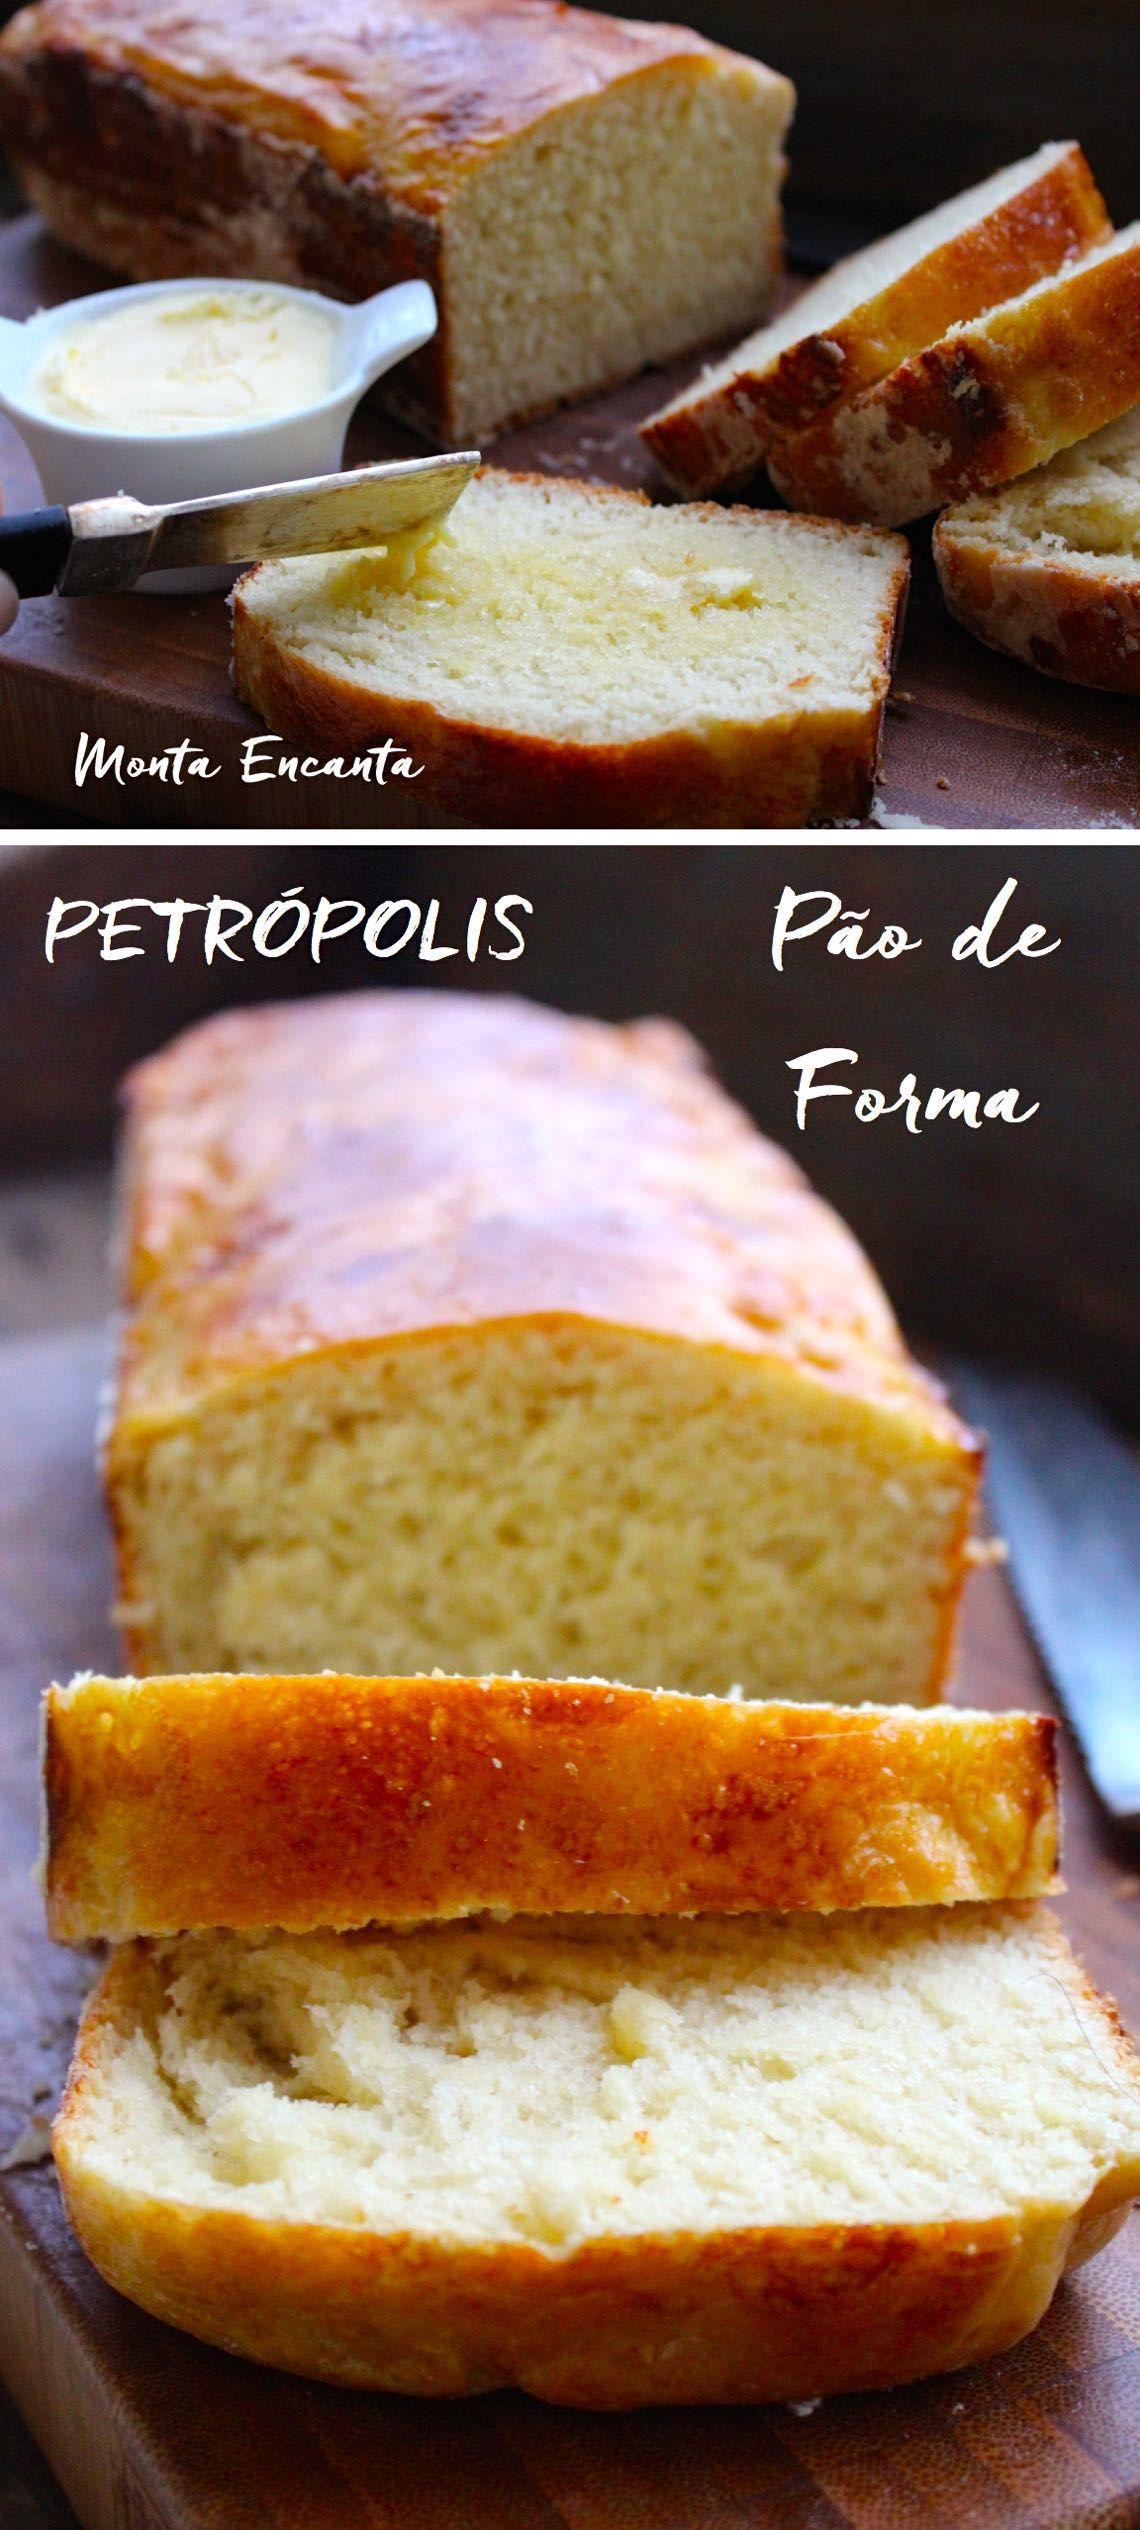 Fazer pão não é difícil, seguindo direitinho os passos a seguir, seu Pão de Forma Petrópolis já sai bom logo na primeira vez!